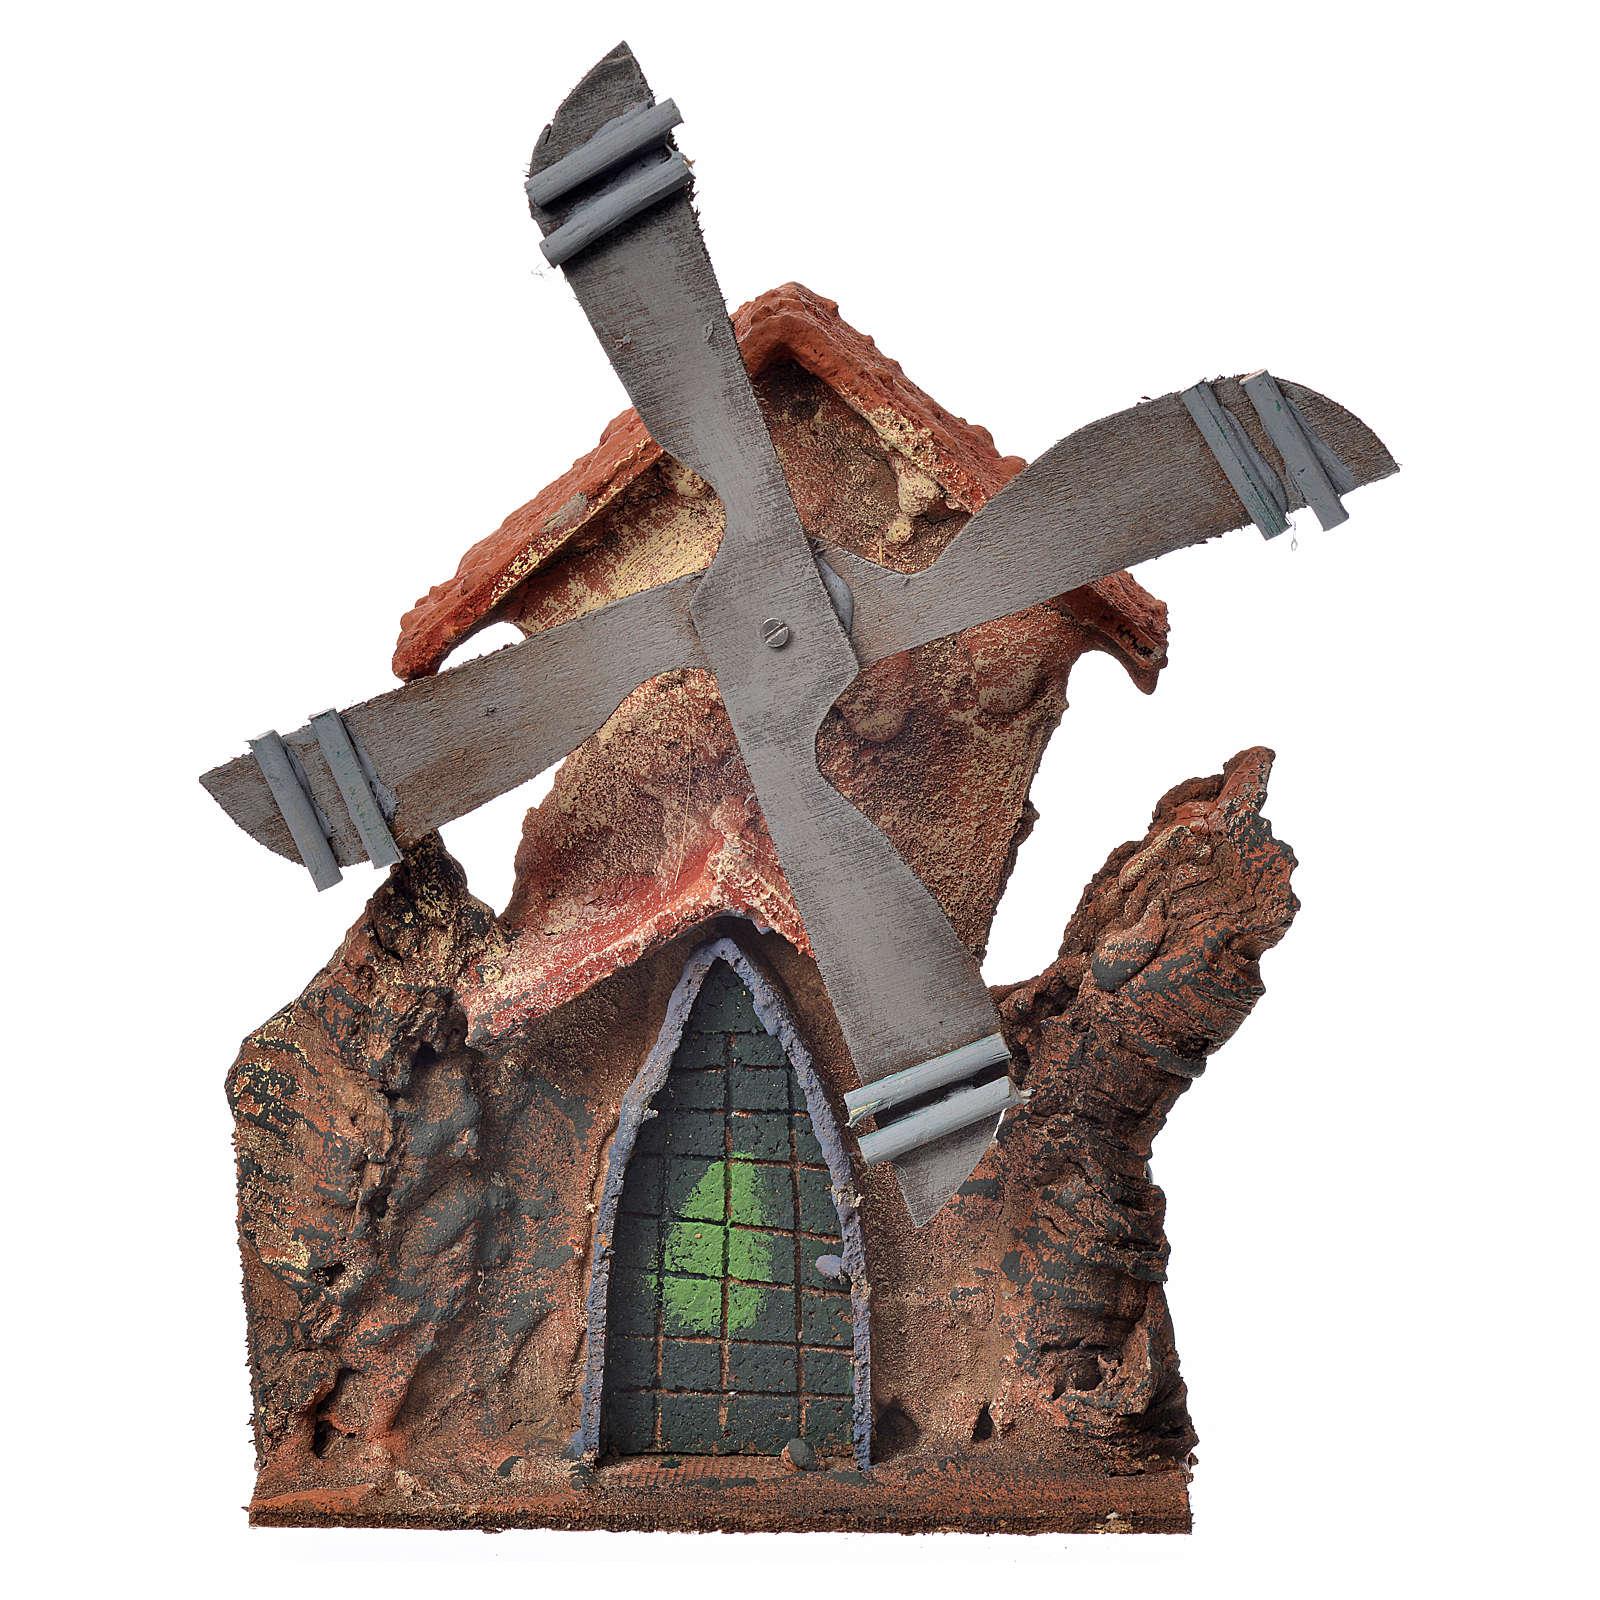 Décor crèche Napolitaine moulin à vent stucqué 23x23x20cm 4